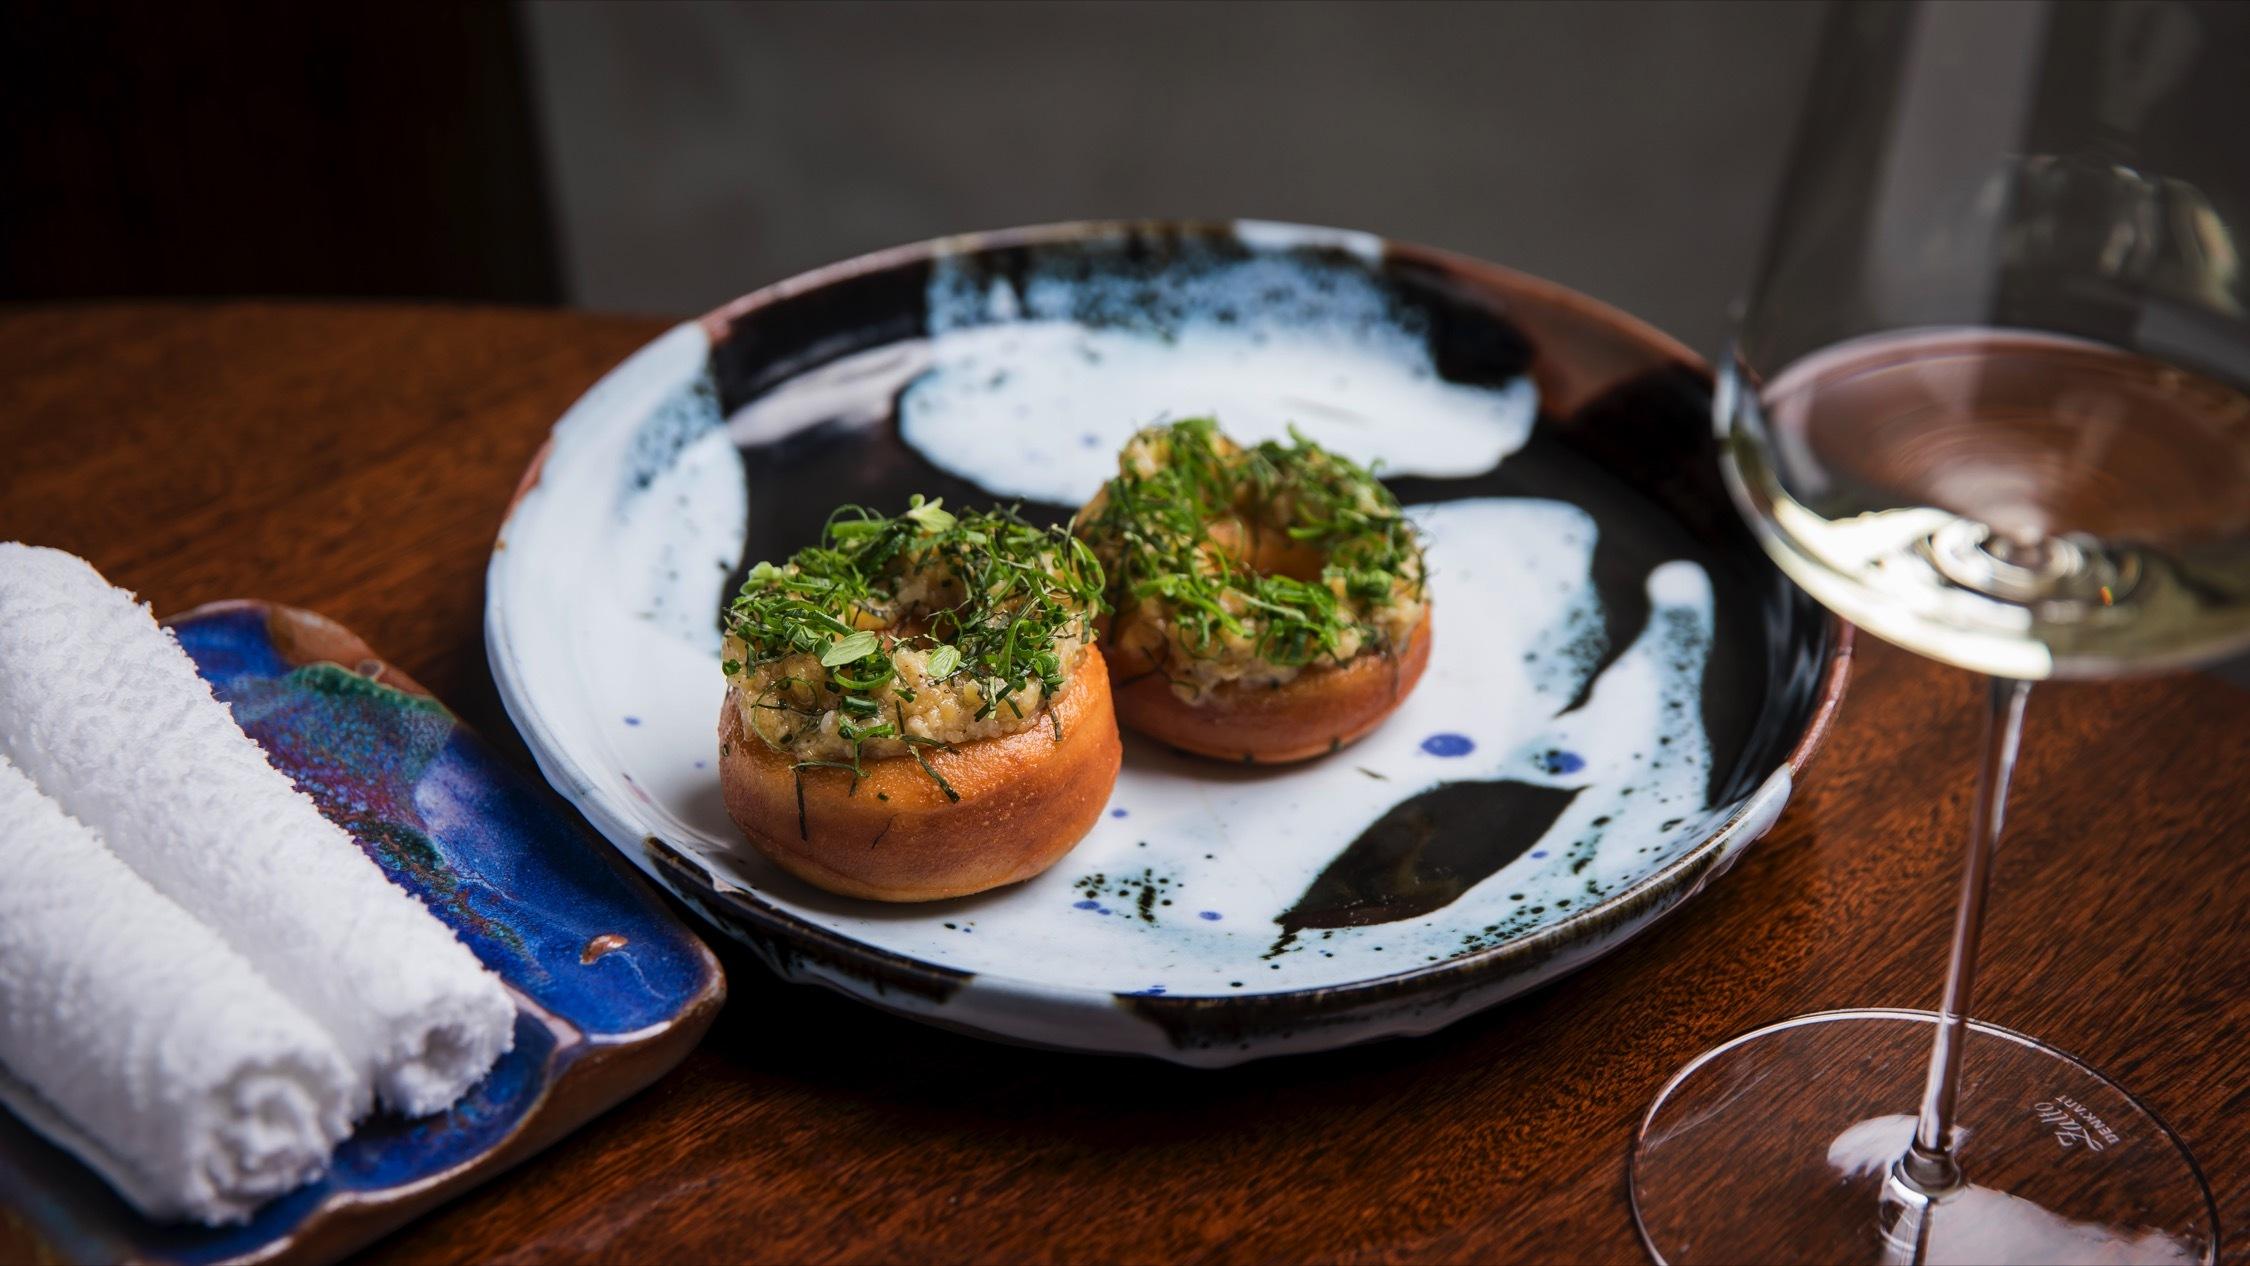 Food at Momofuku Seiob